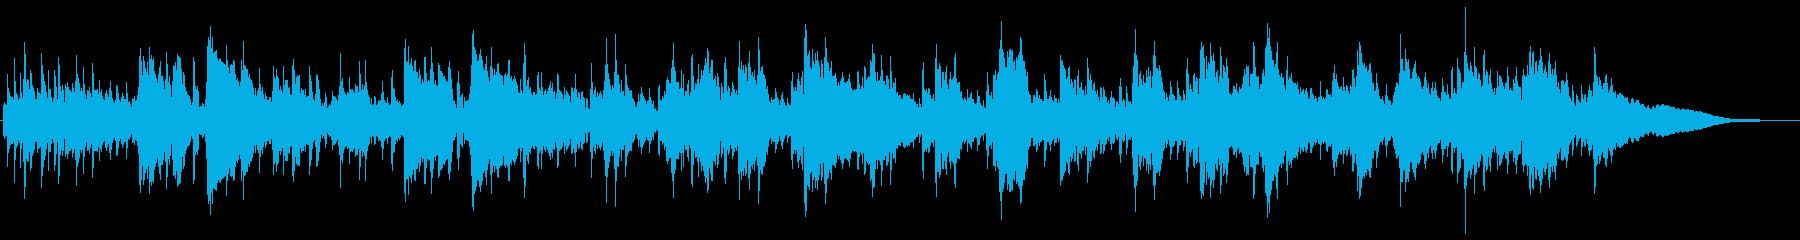 5拍子エスニックなサックスメインの曲の再生済みの波形